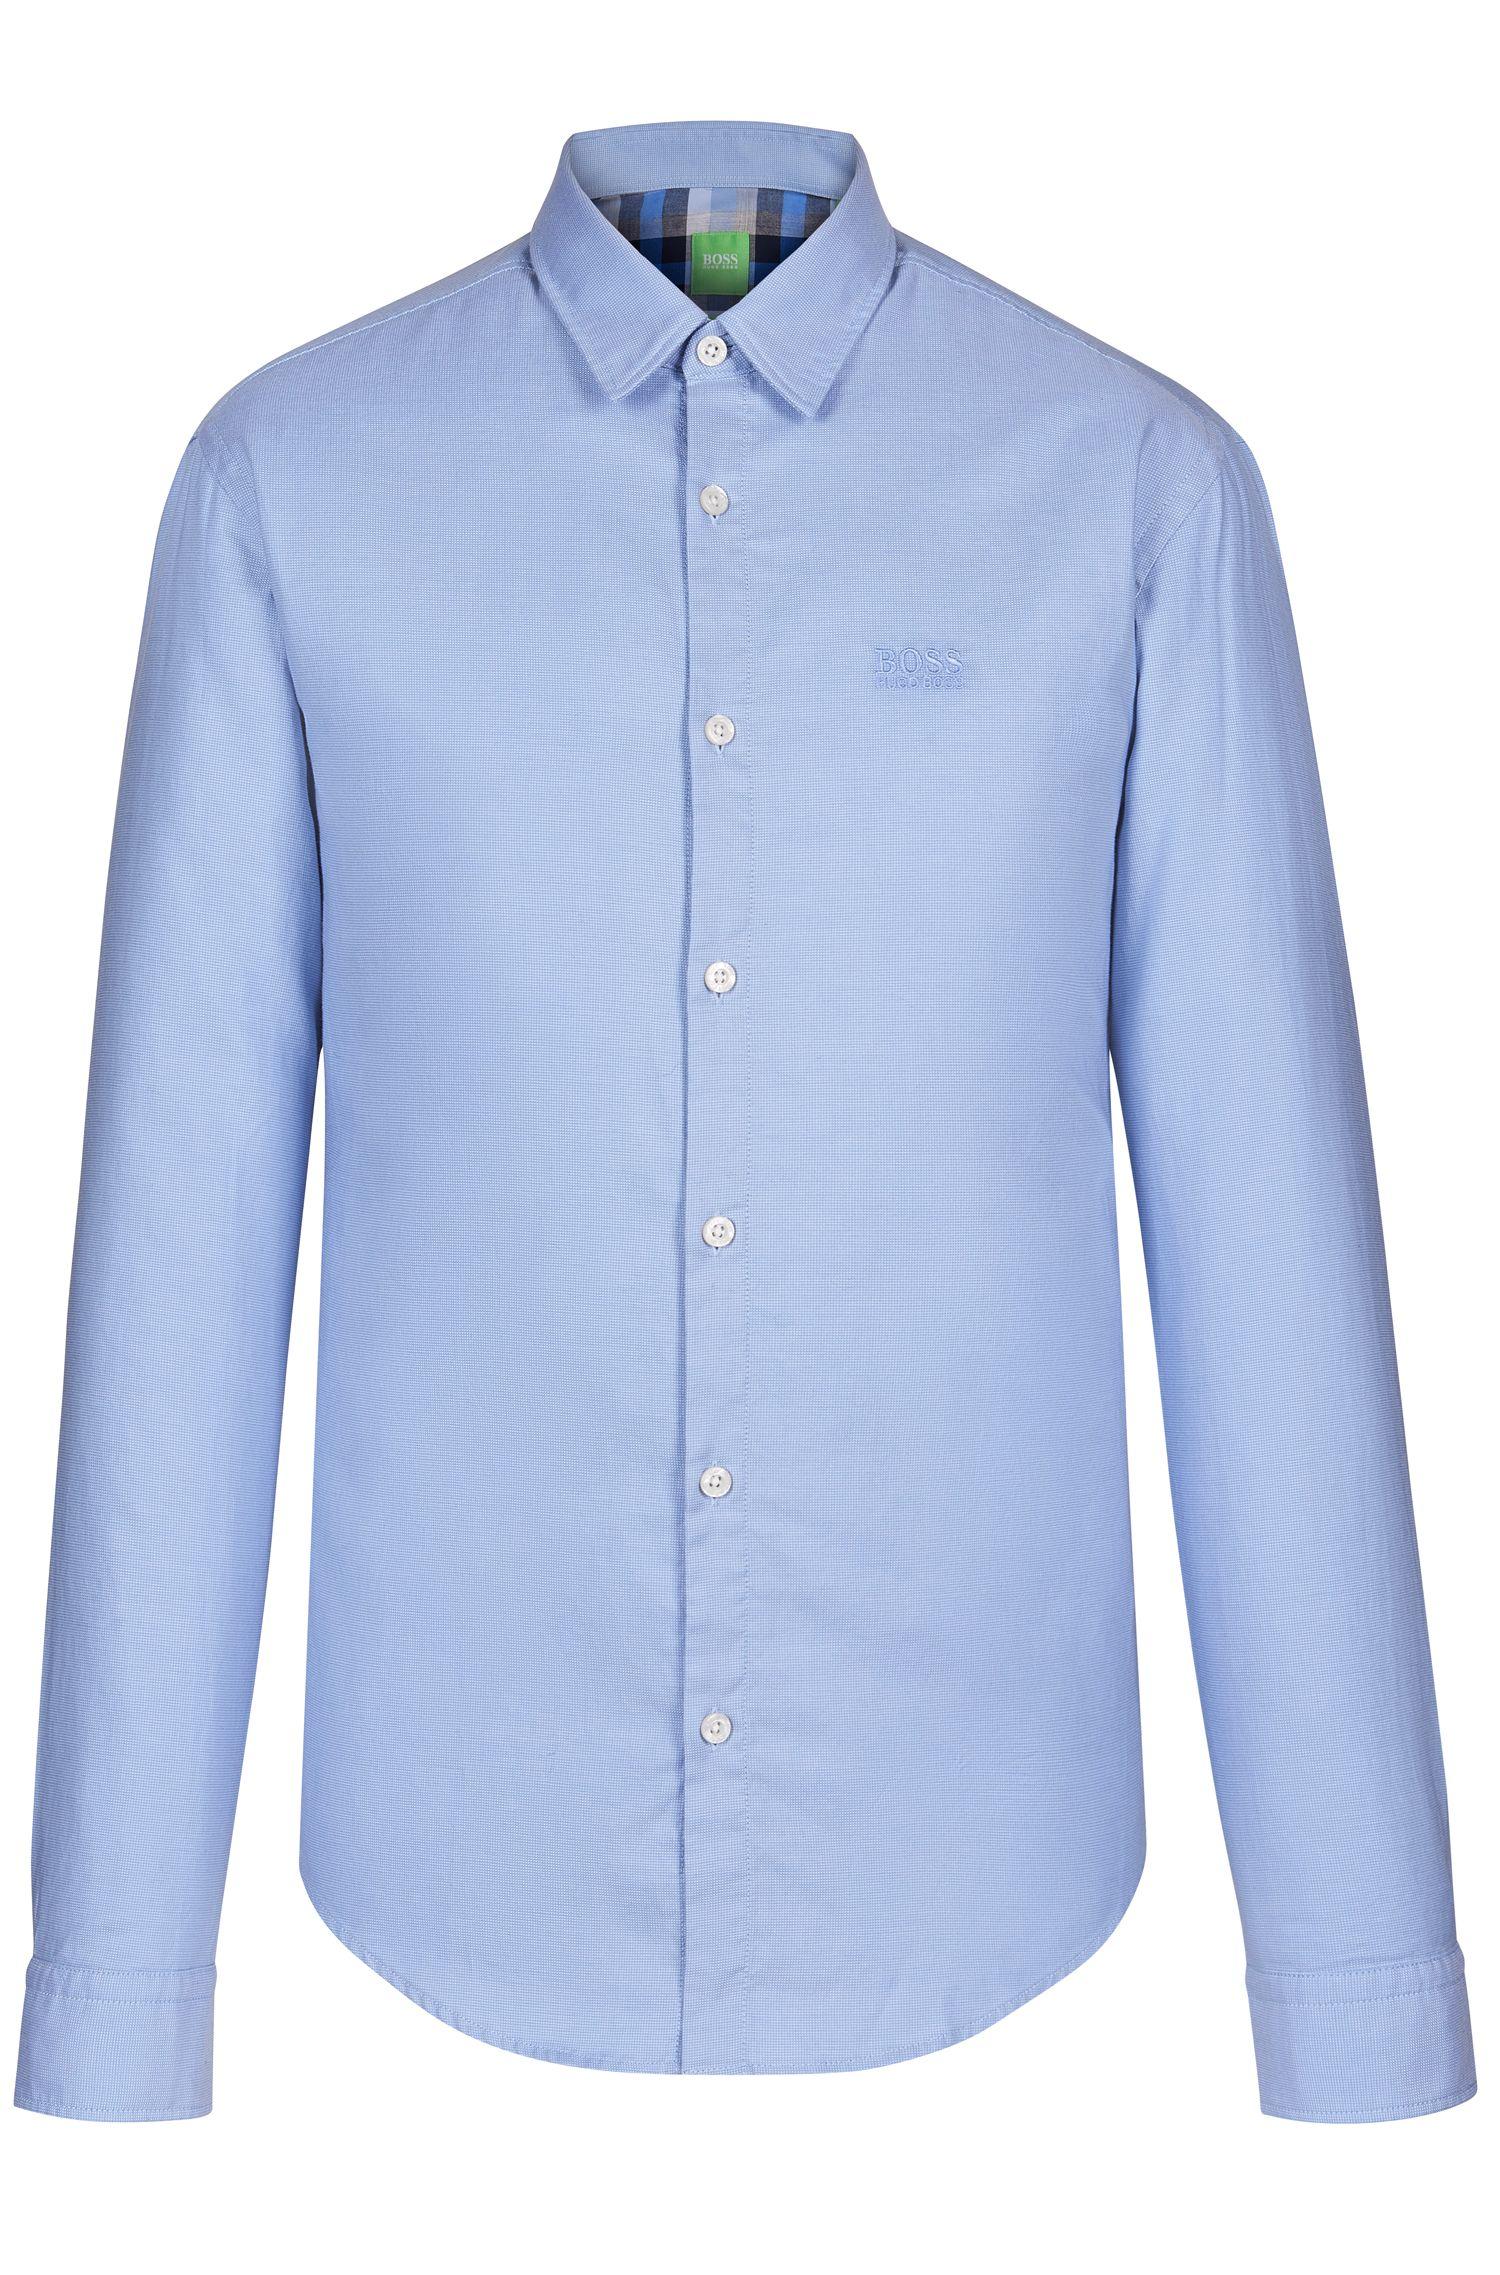 'C-Buster' | Regular Fit, Cotton Textured Button Down Shirt